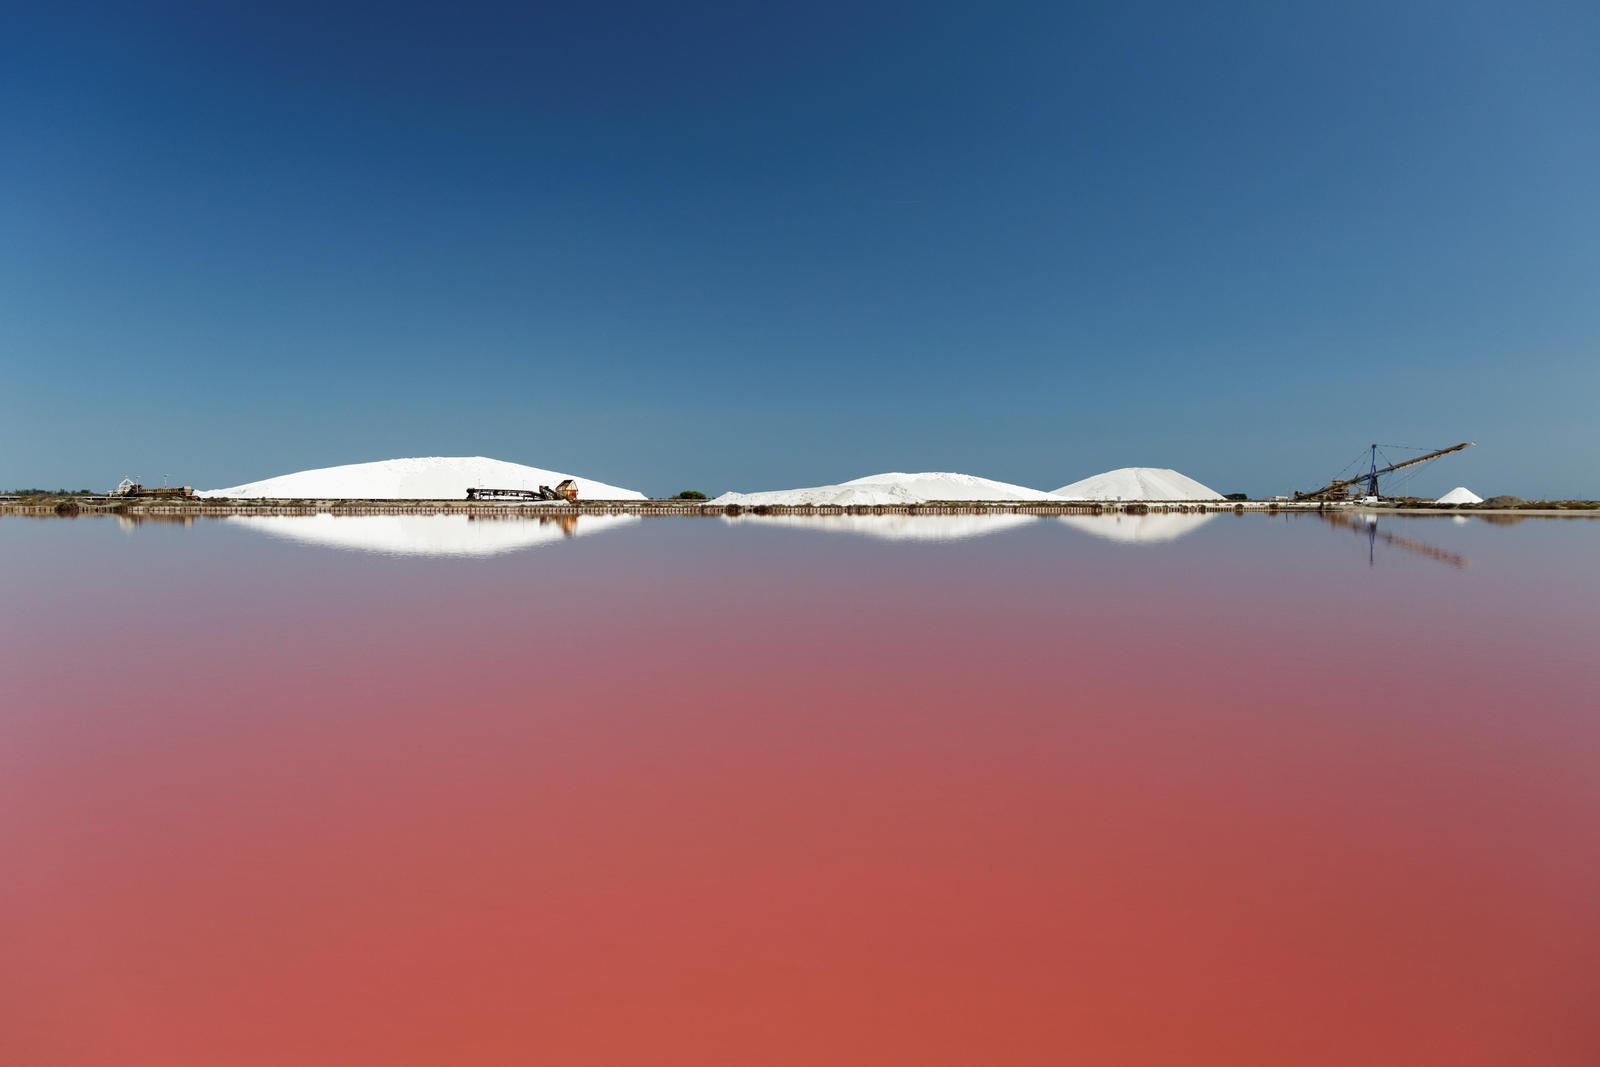 Salt by Oaken-shield